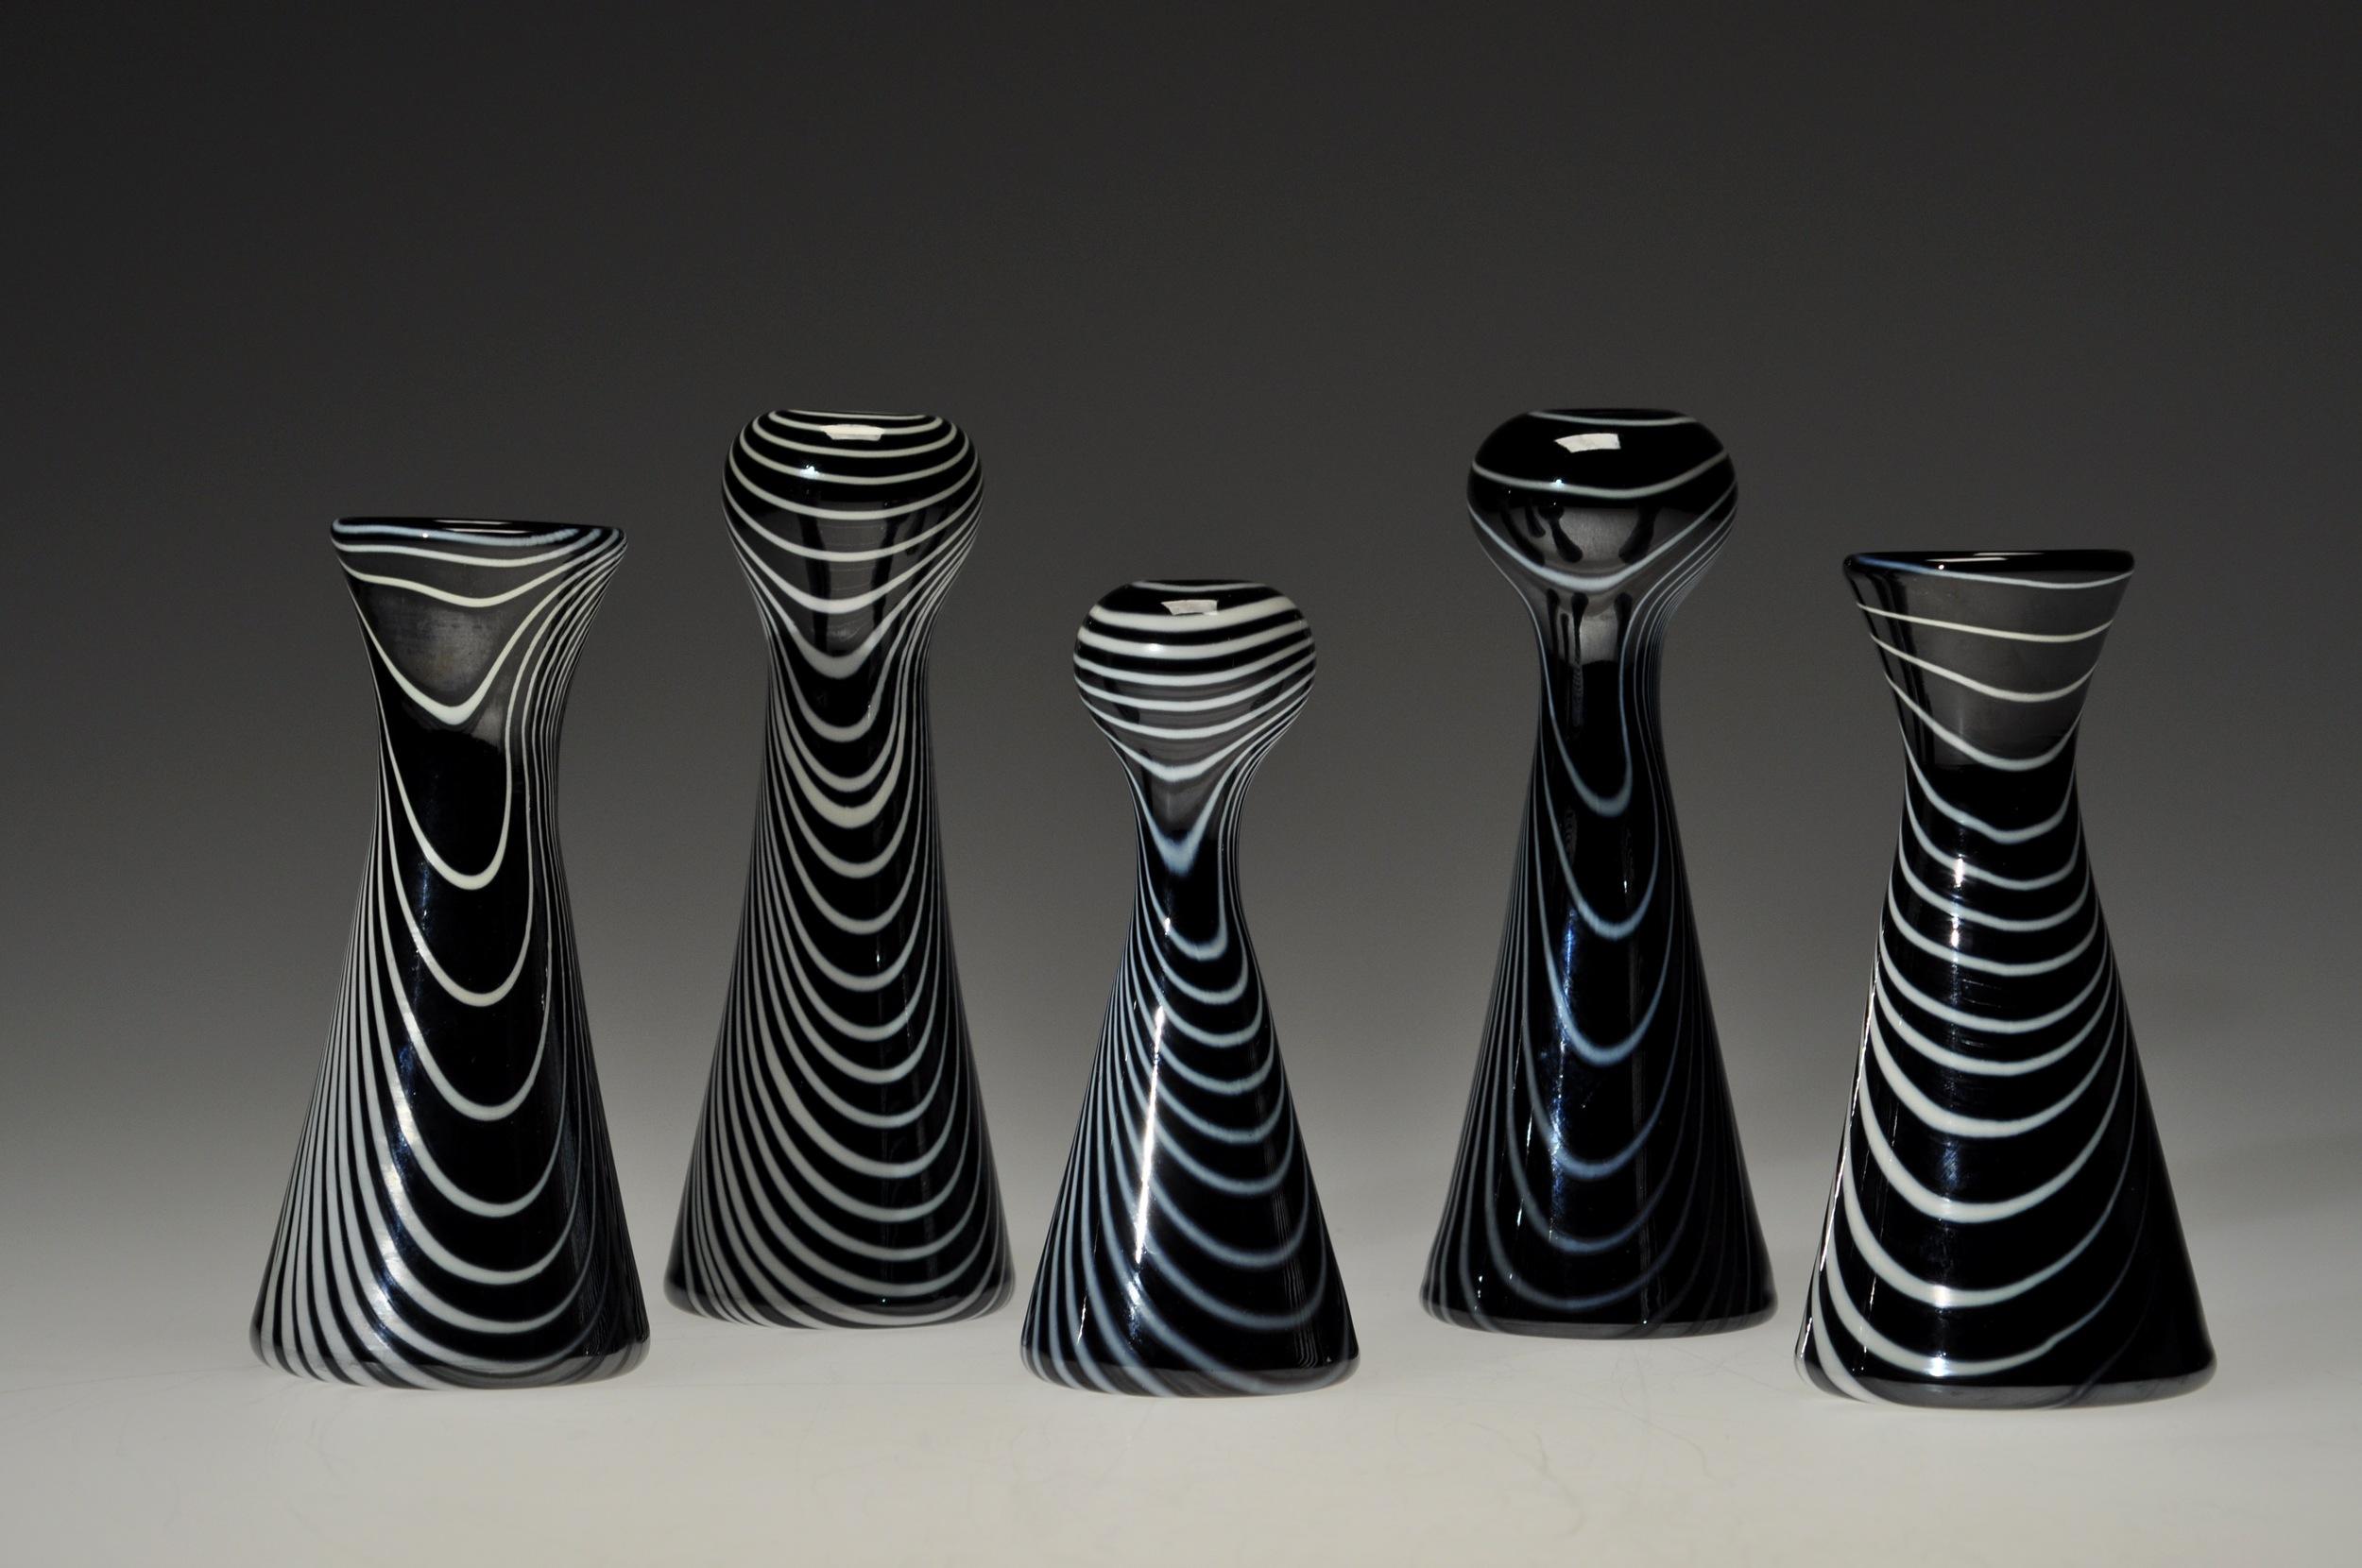 5 black and white vases.JPG